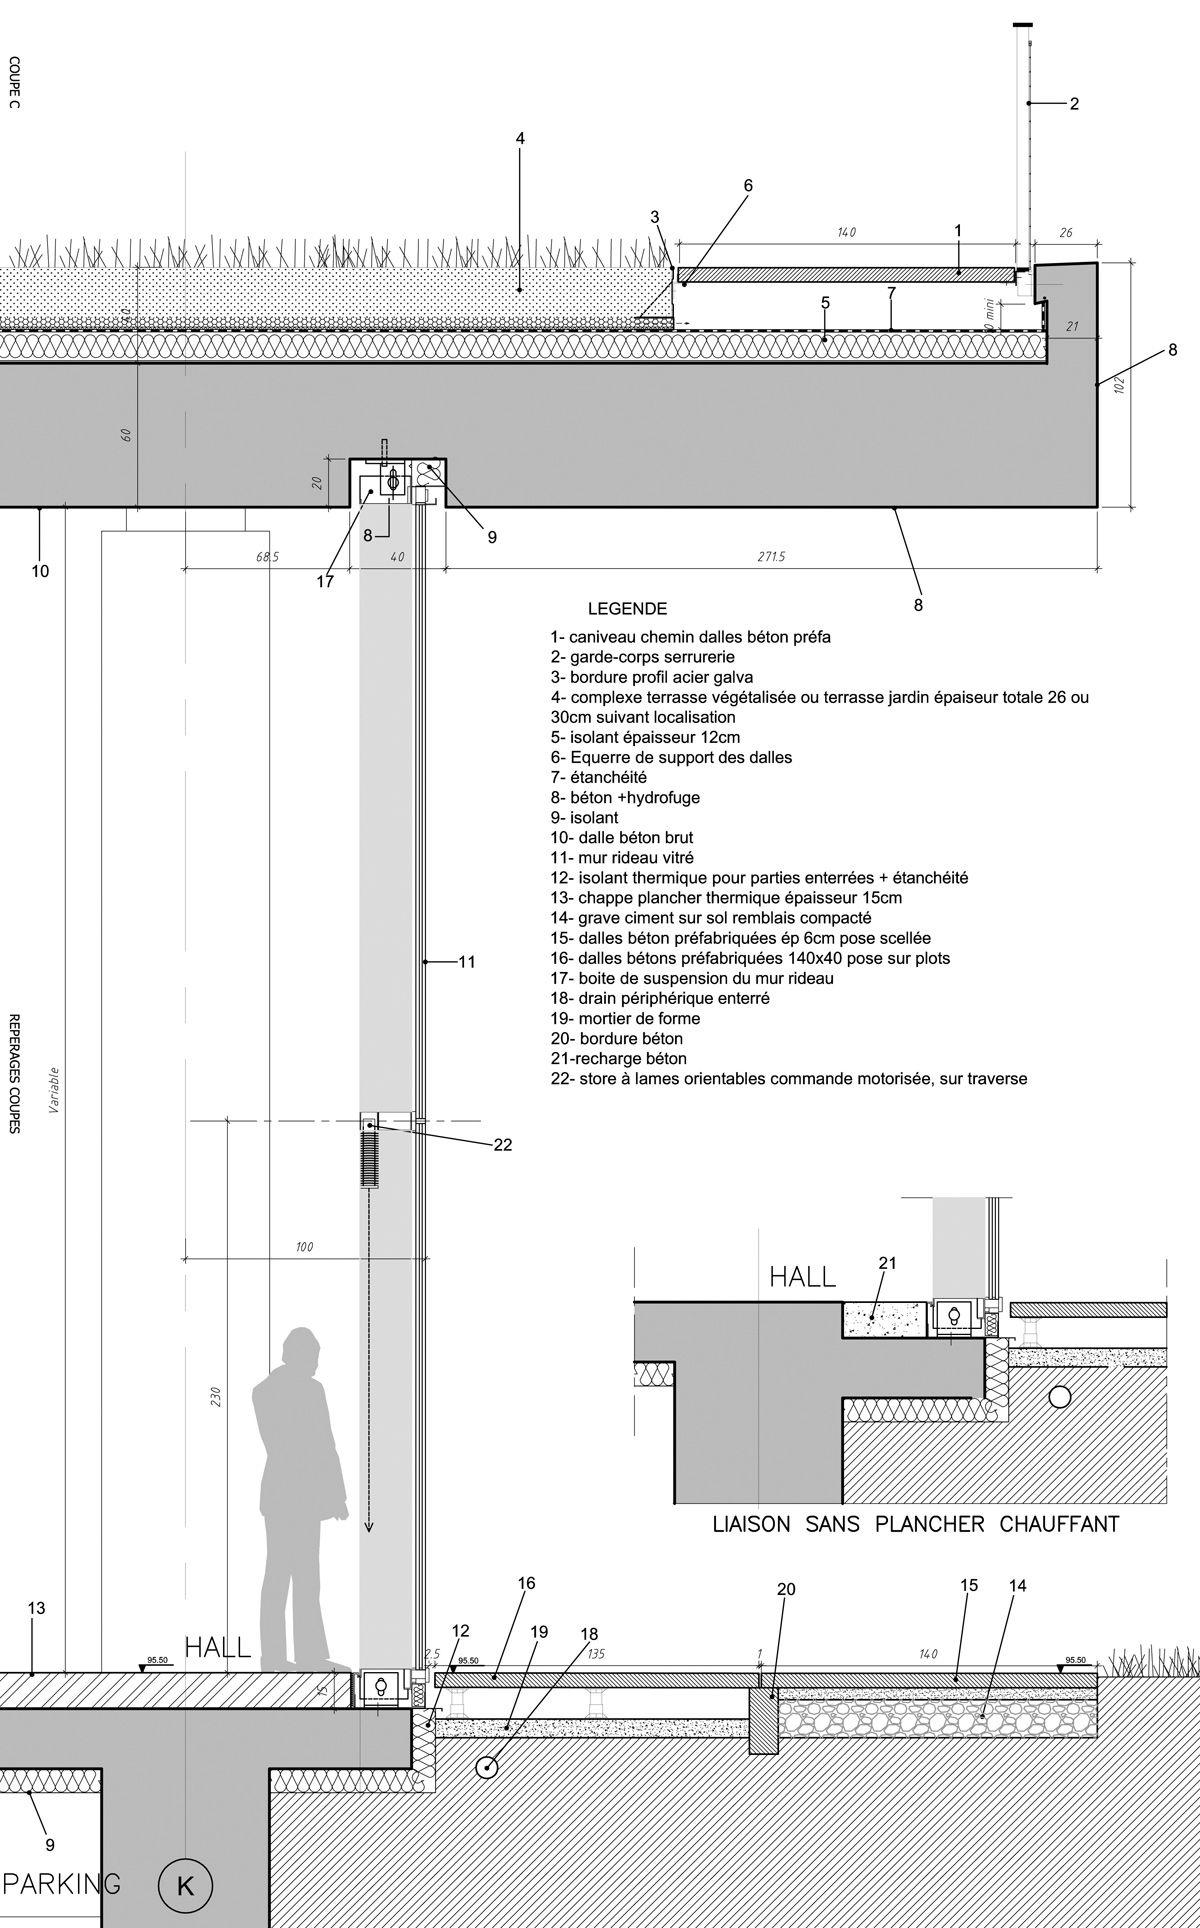 Jean Philippe Pargade S Paris Campus Features Undulating Green Roofs Designboom Architectur Roof Detail Architecture Roof Architecture Architecture Details